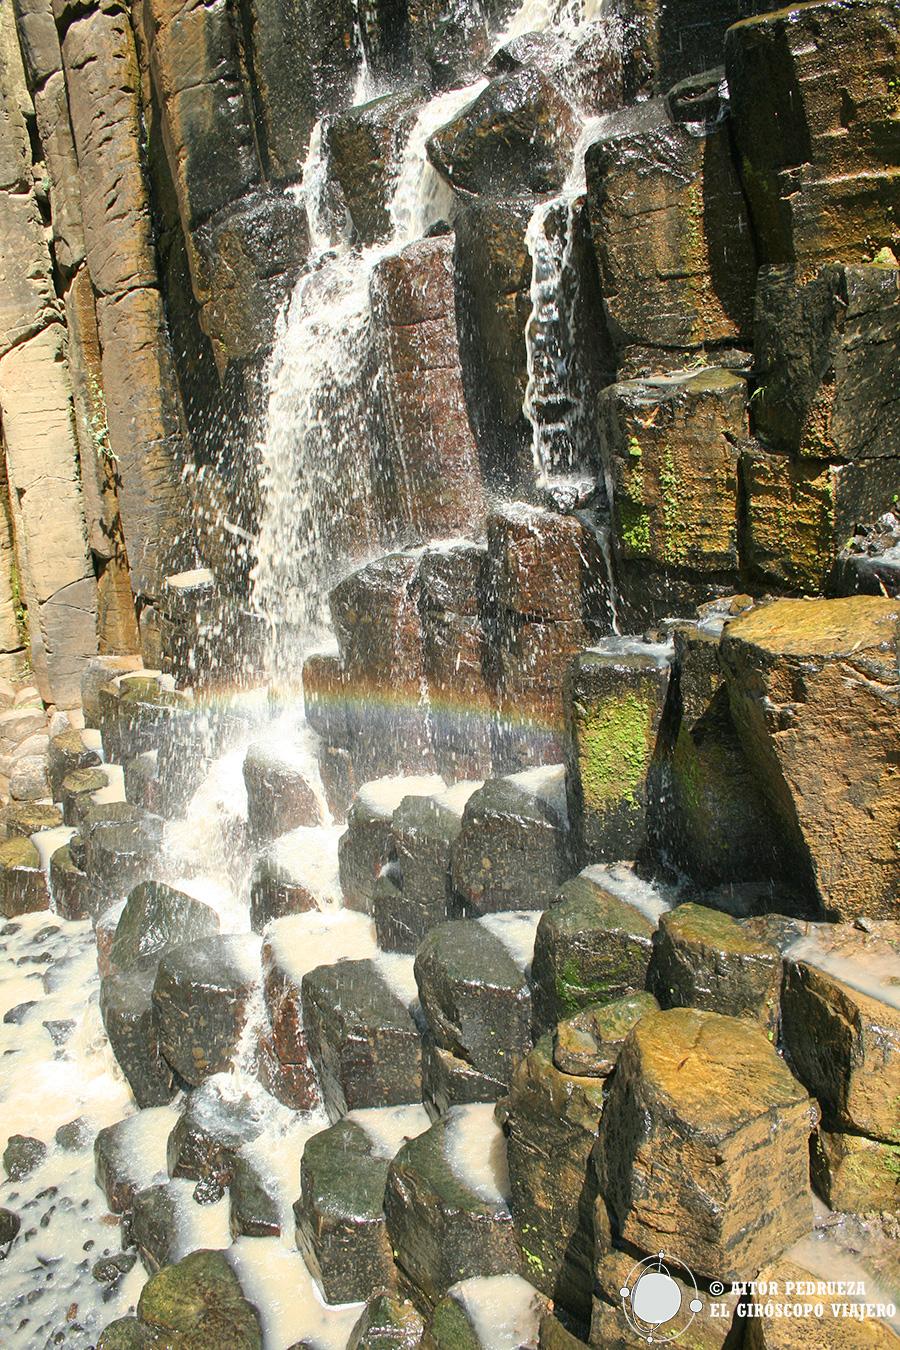 Una de las cascadas de los prismas básalticos